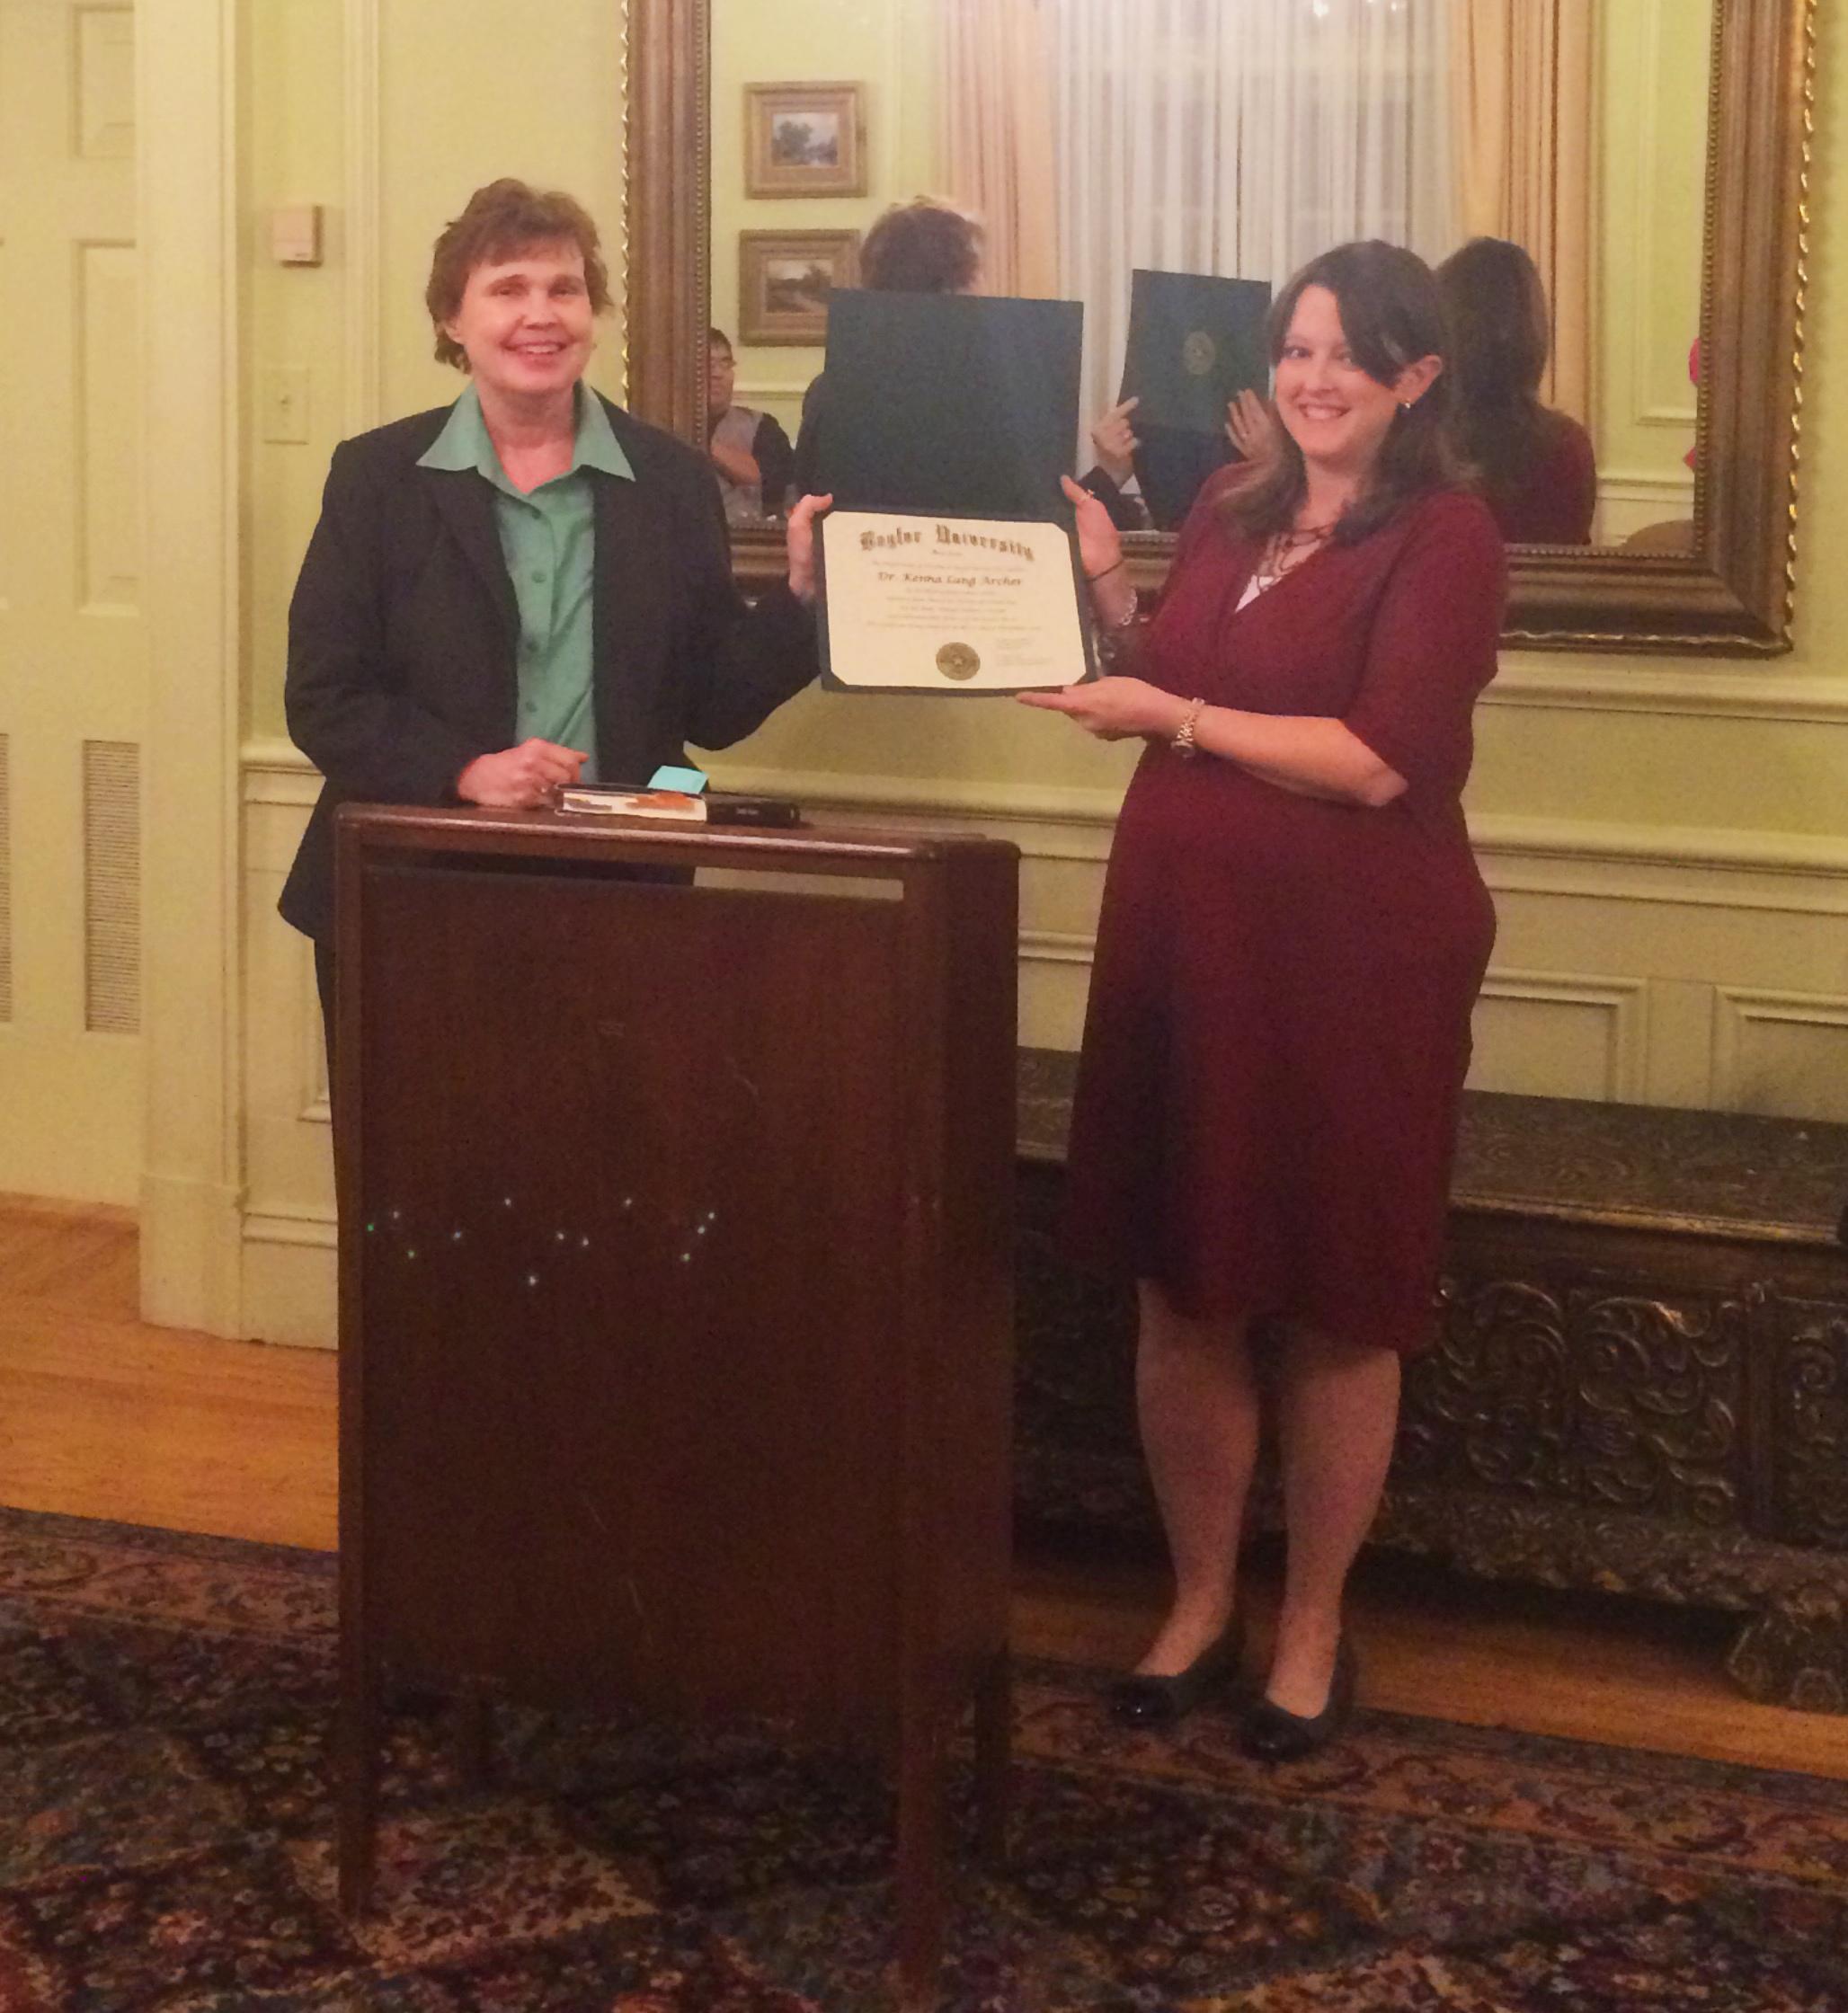 Guittard Dinner 2016 - Dr. Archer Receiving Award